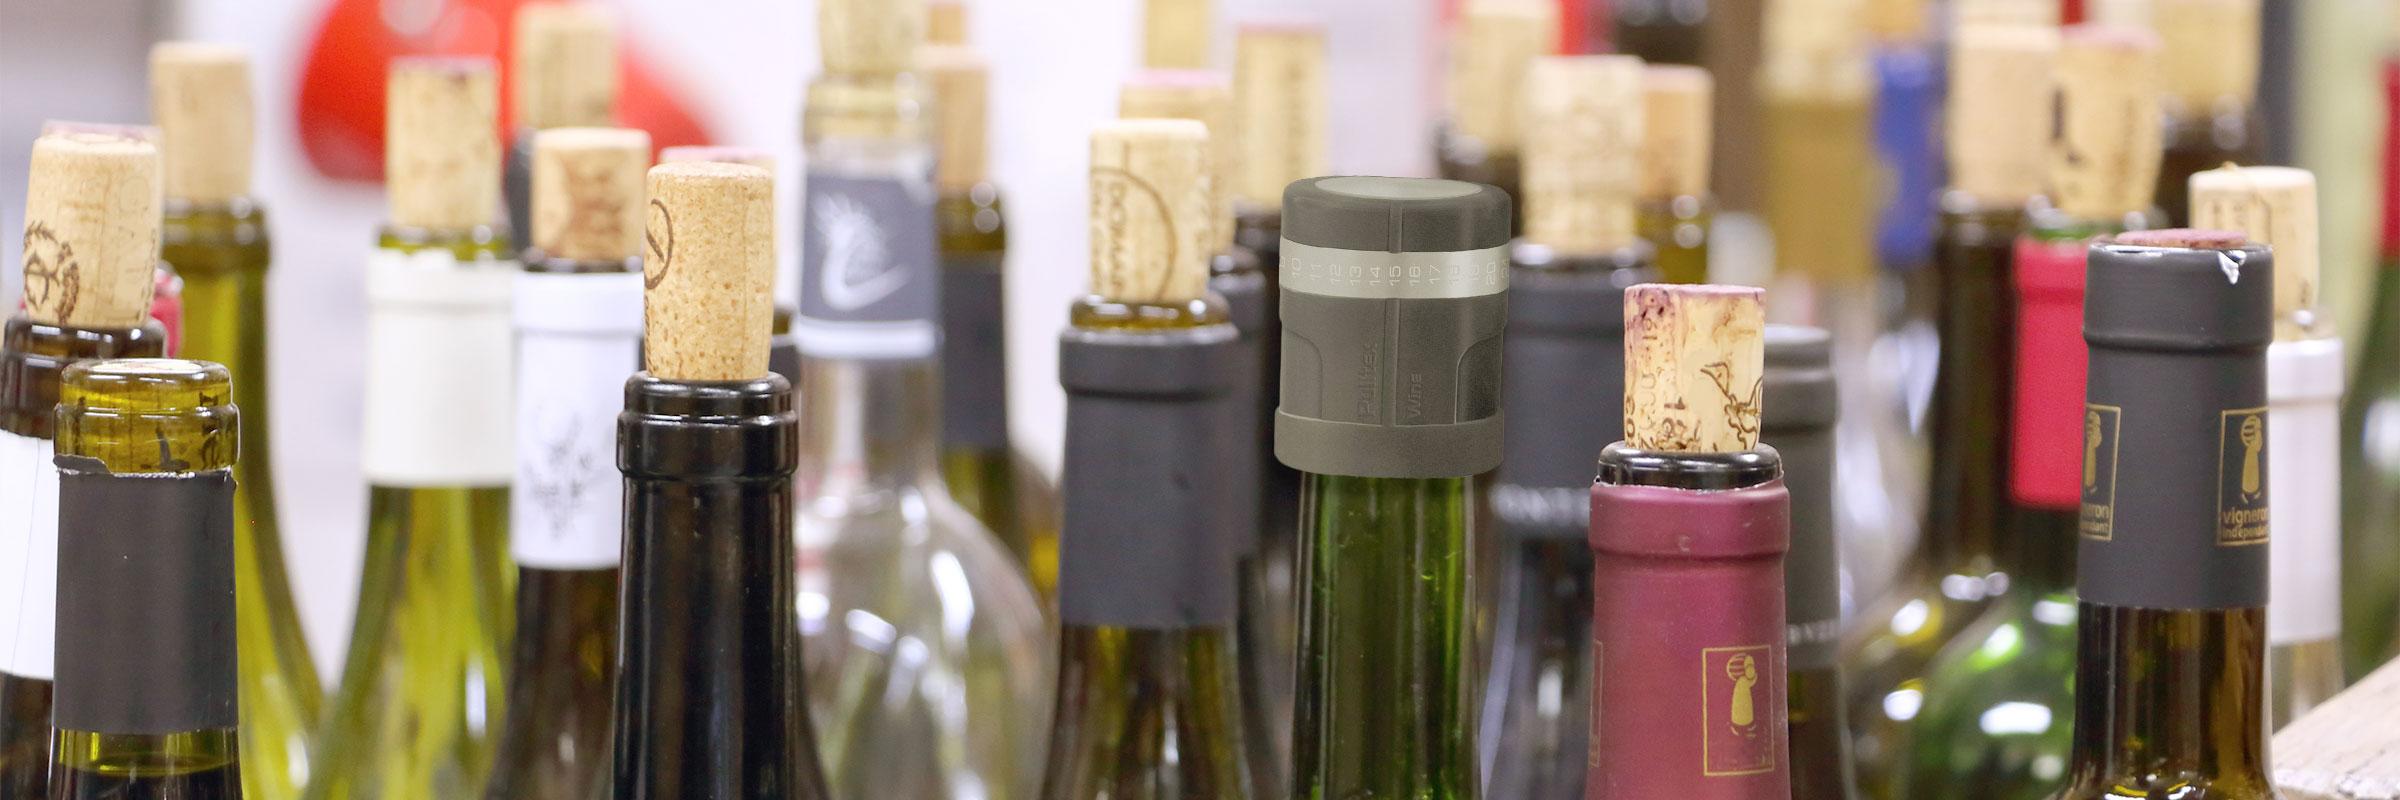 vino rosso aperto durata e conservazione